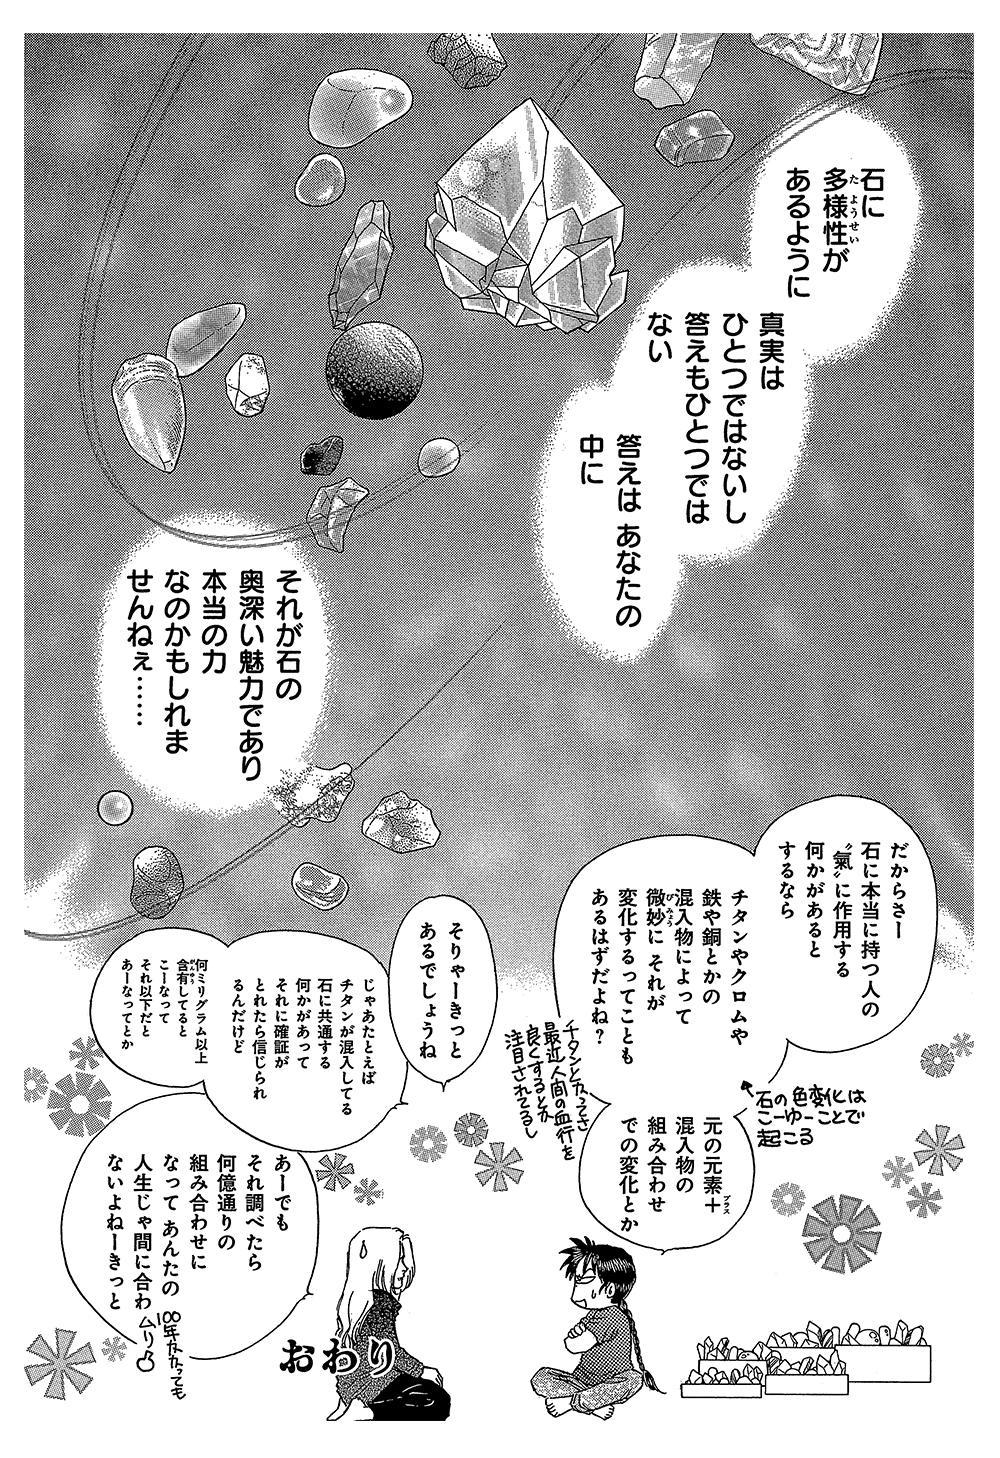 オカルト万華鏡 第1話 ②oka24.jpg